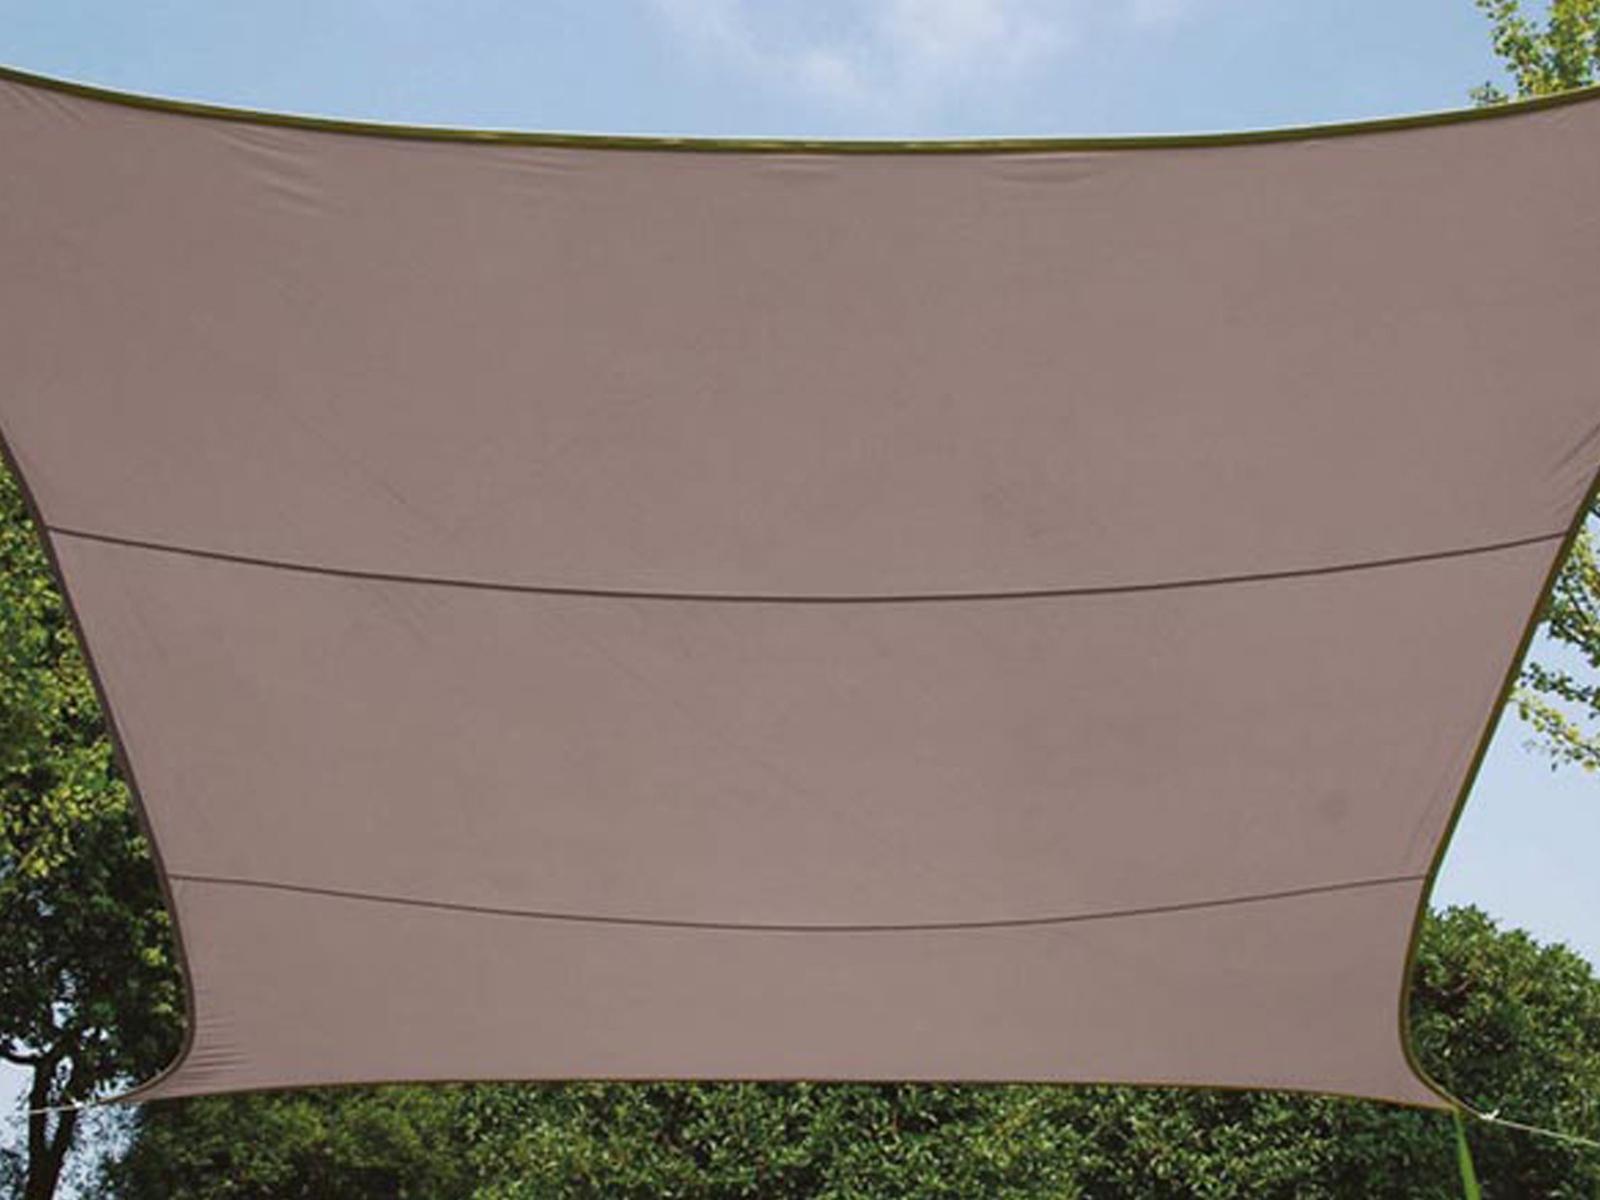 PARASOLE PROTEZIONE ANTIPIOGGIA Perel, Marronee Grigio, 500 x 500 cm, resistente all'acqua